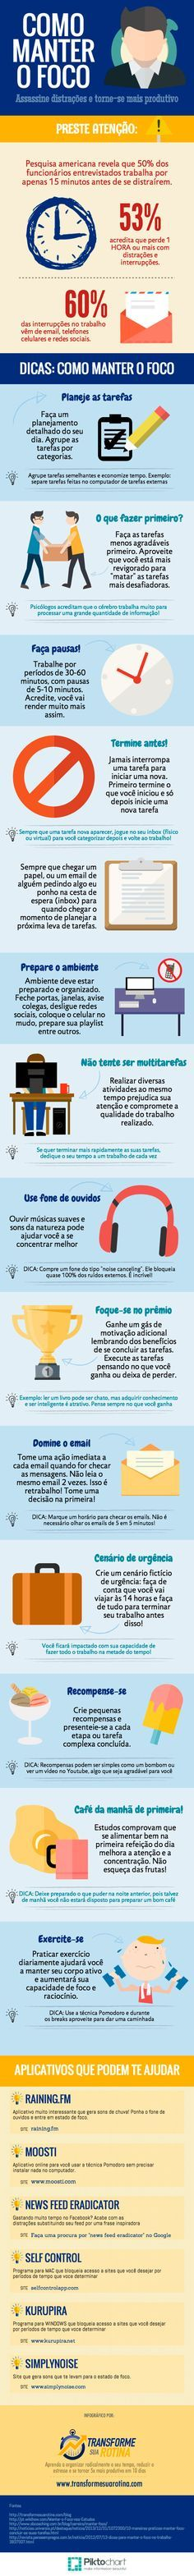 Como manter o foco! #foco #organização #infográfico